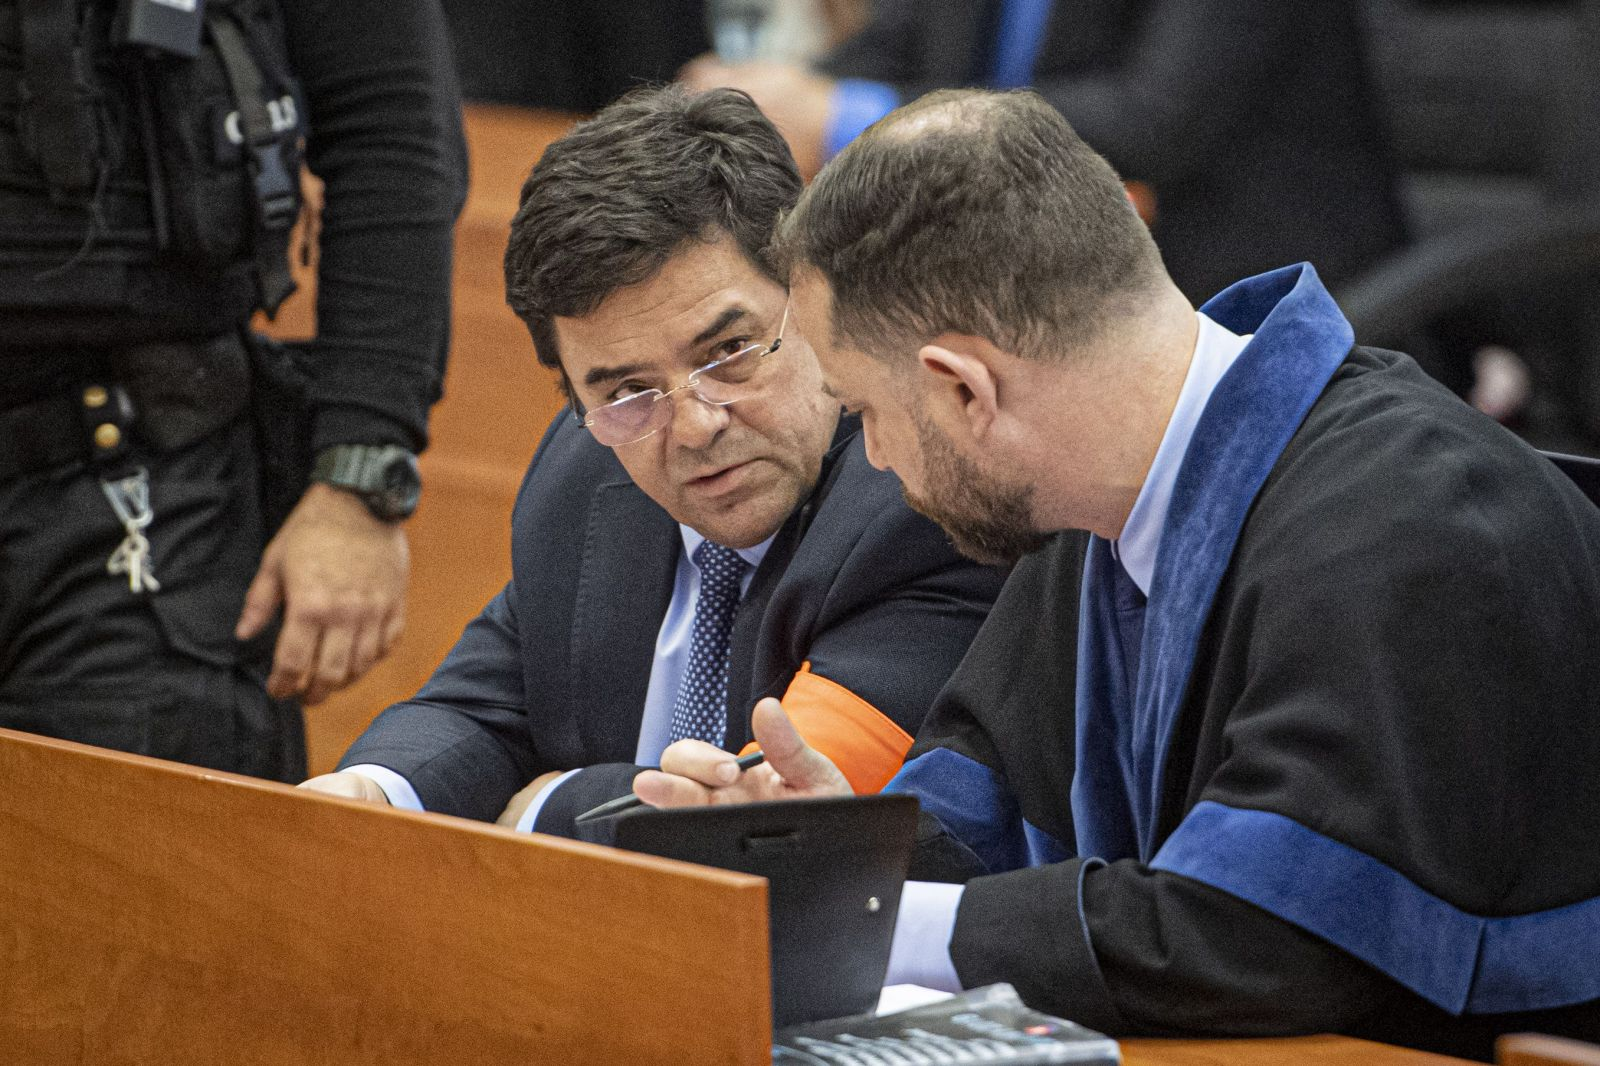 5 najdôležitejších momentov zo siedmeho dňa megaprocesu s Kočnerom: Vrah Marček môže očakávať zníženie trestu za priznanie